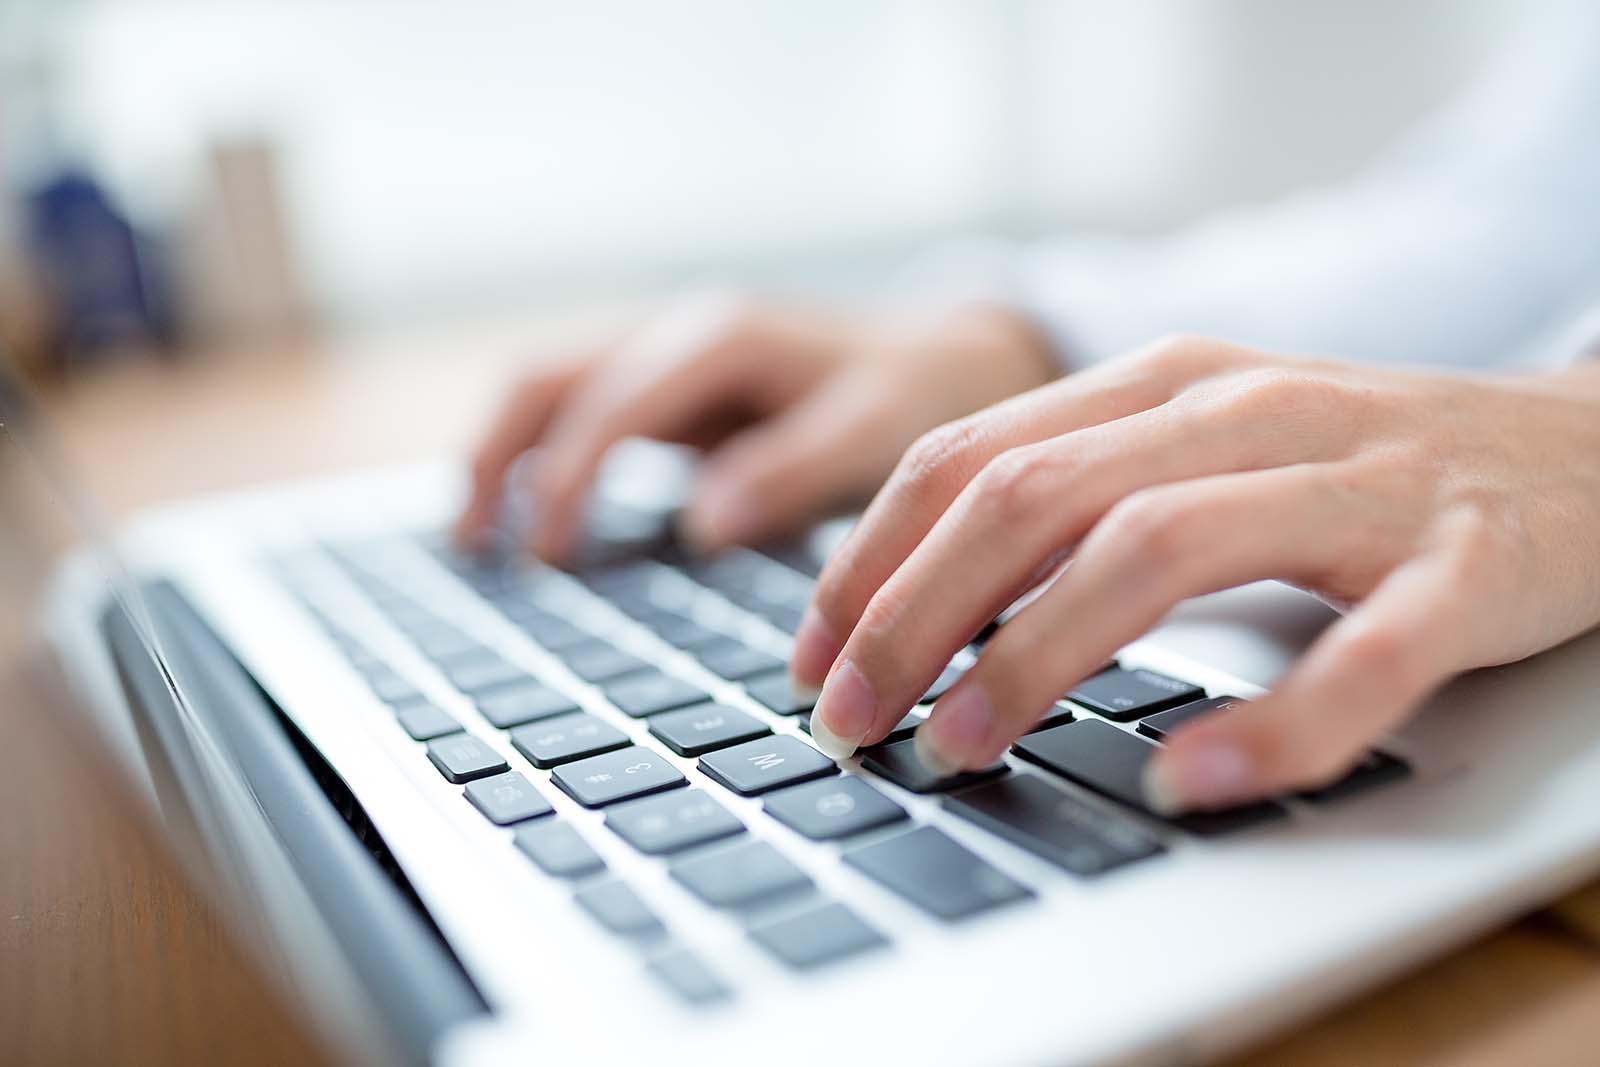 Tips om energie te besparen met ICT-apparatuur